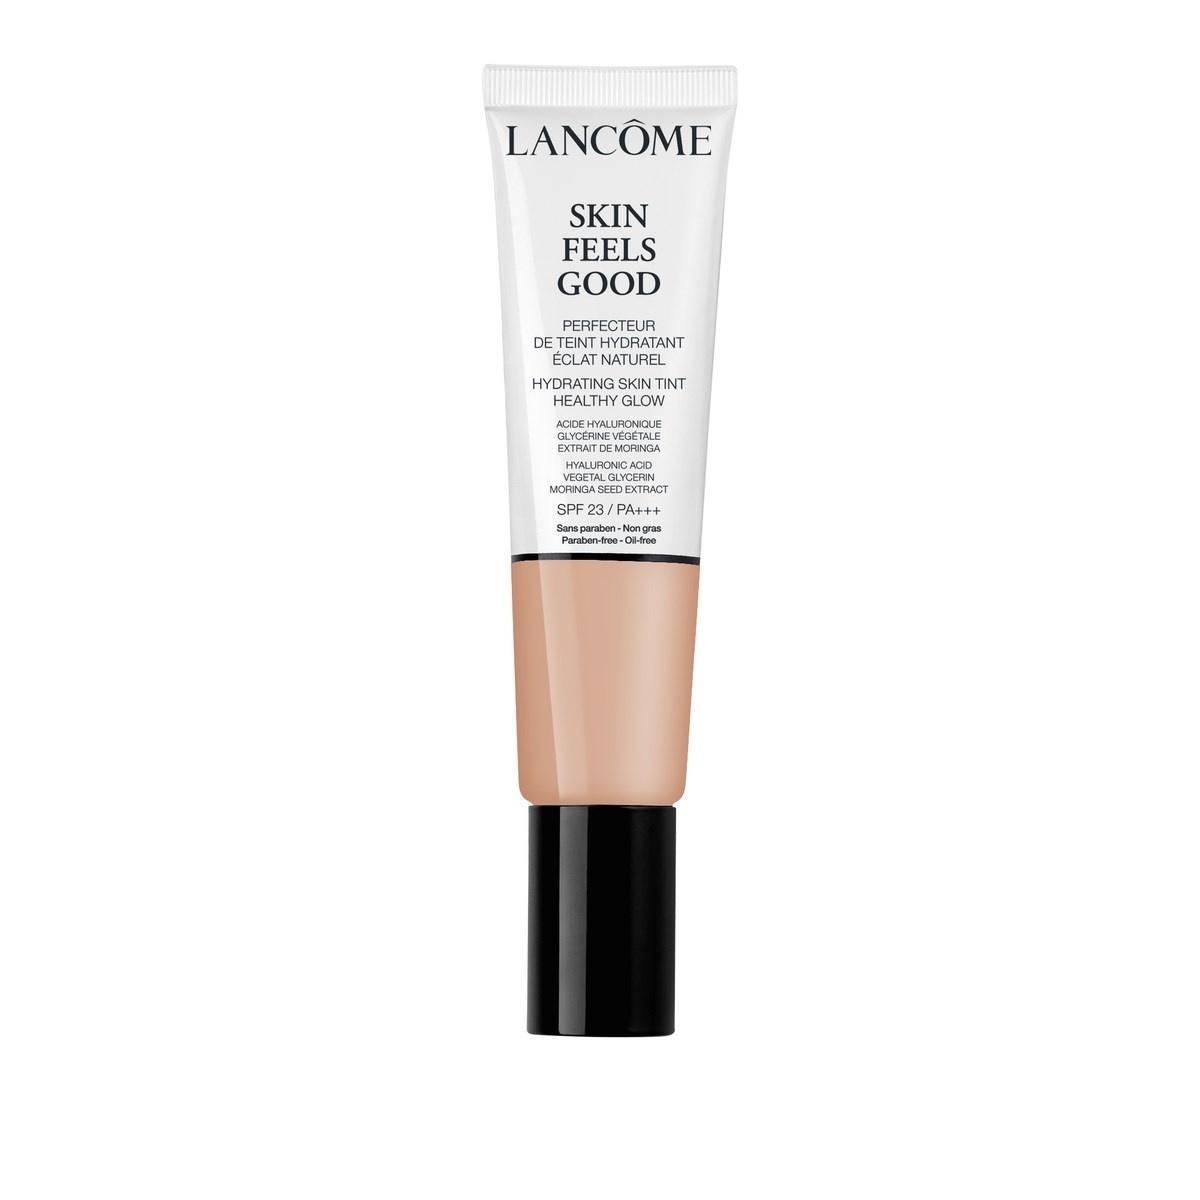 Lancôme Skin Feels Good Foundation, cream beige